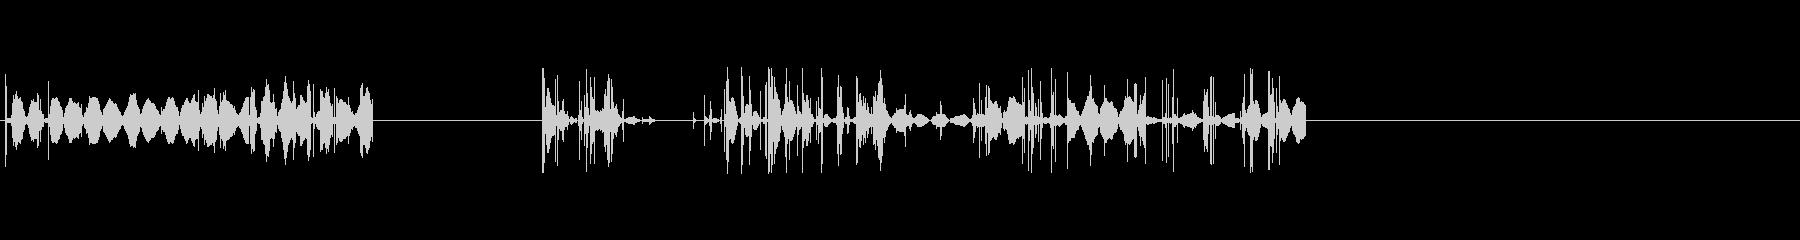 サウンドロゴに合うようなグリッチ音の未再生の波形